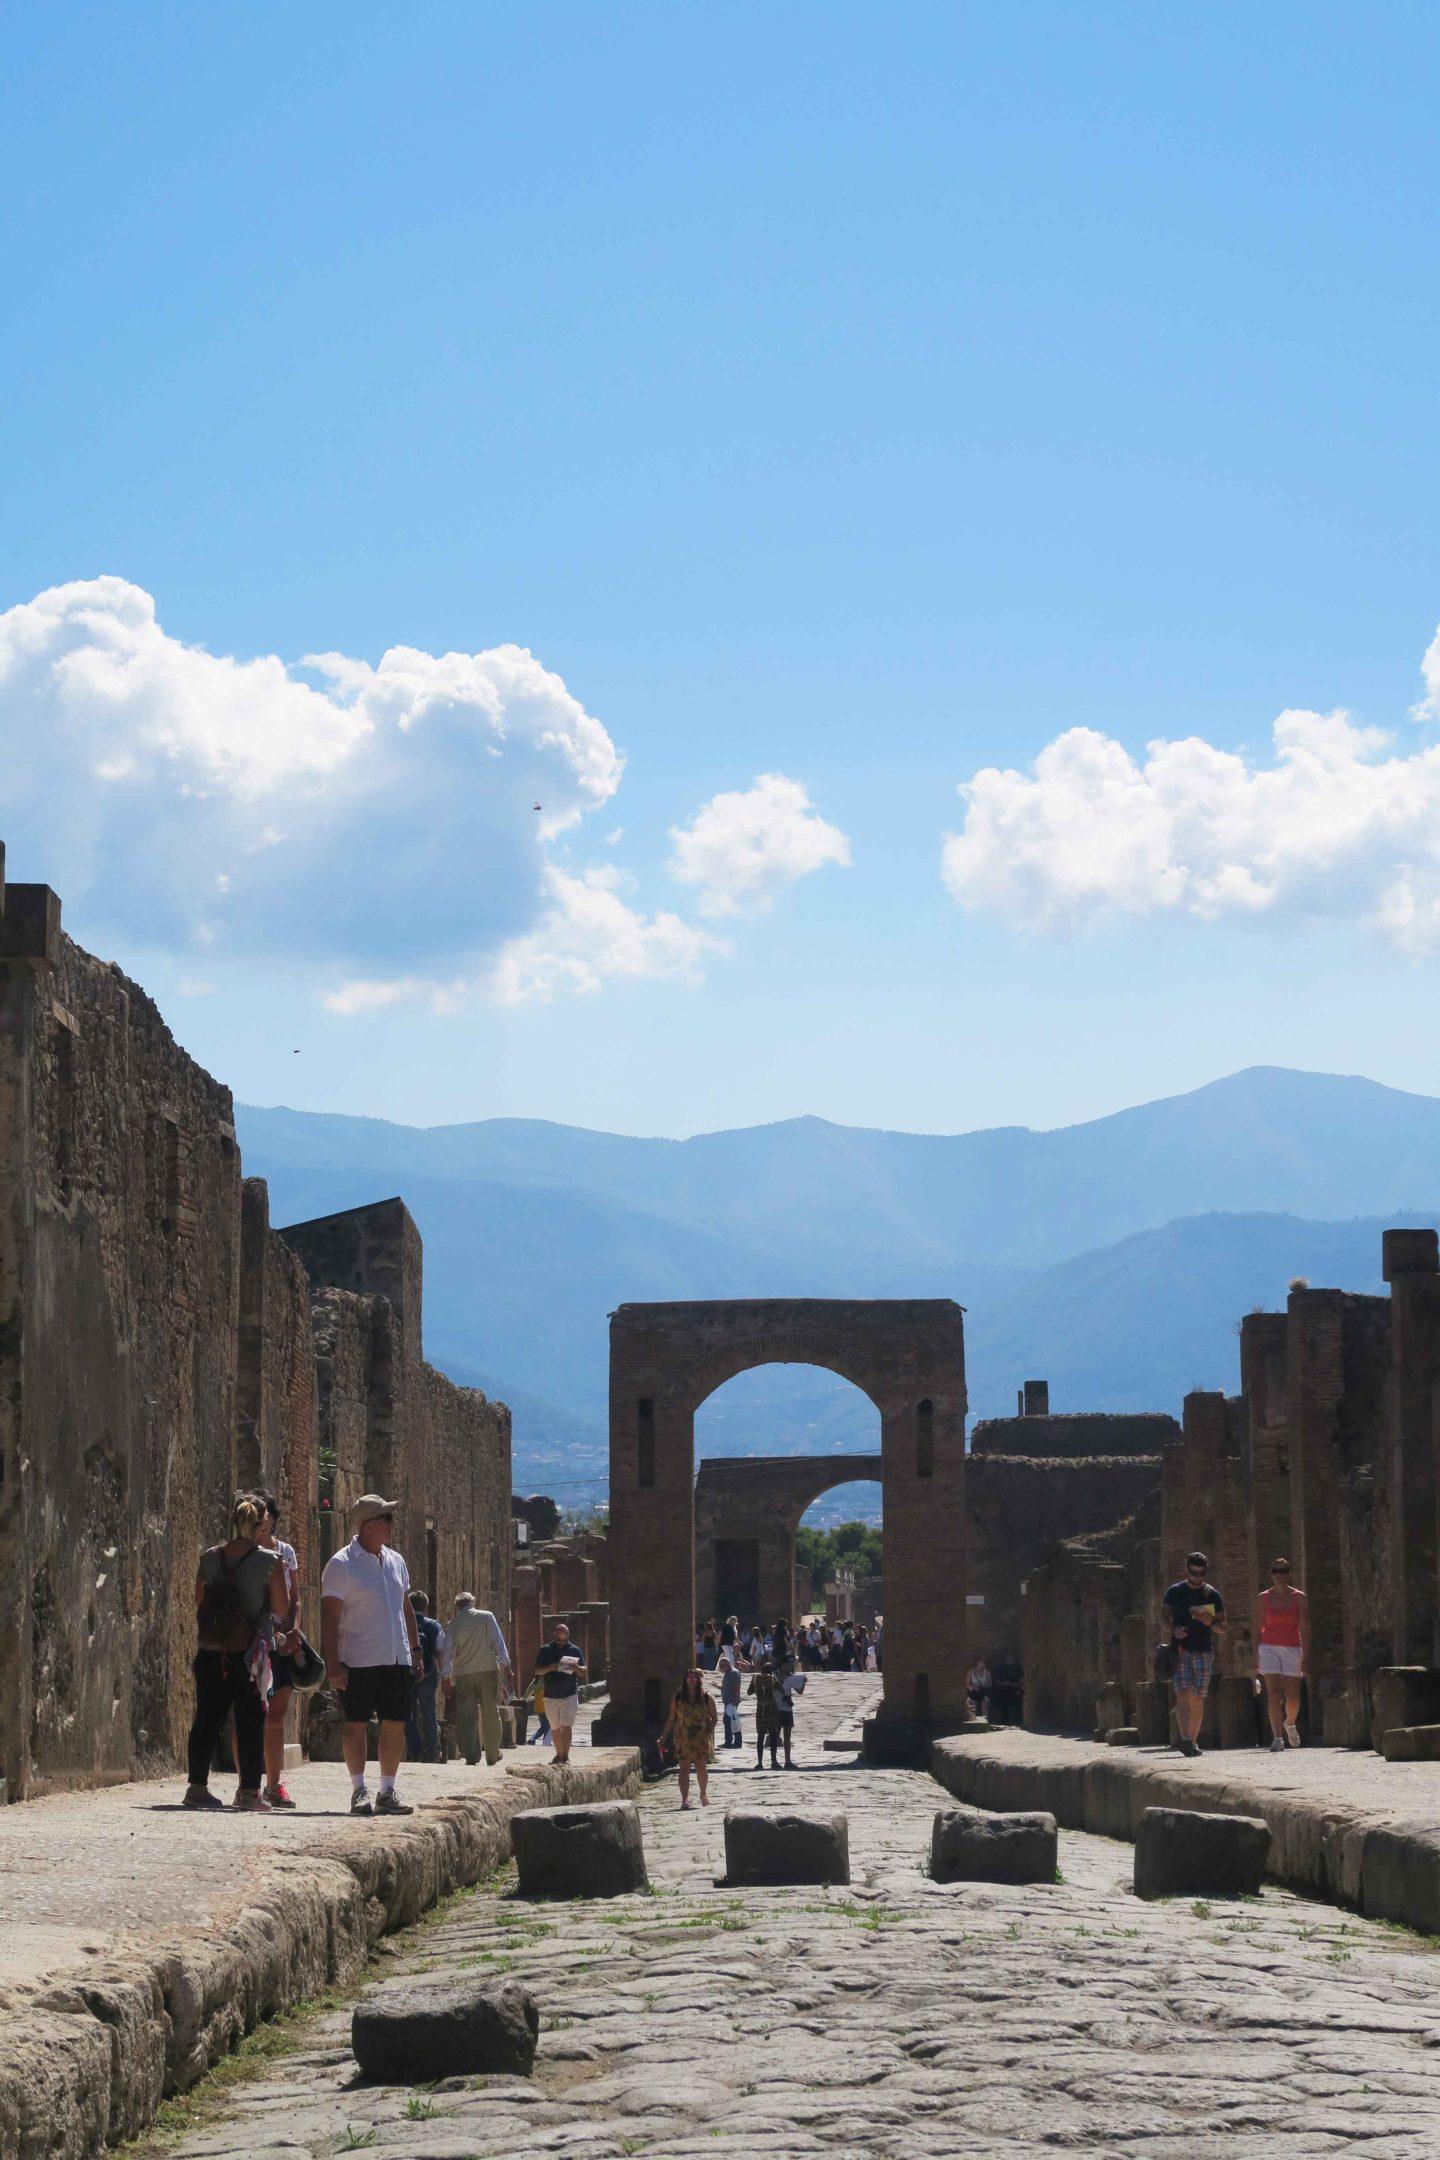 pompeii archway with mount vesuvius